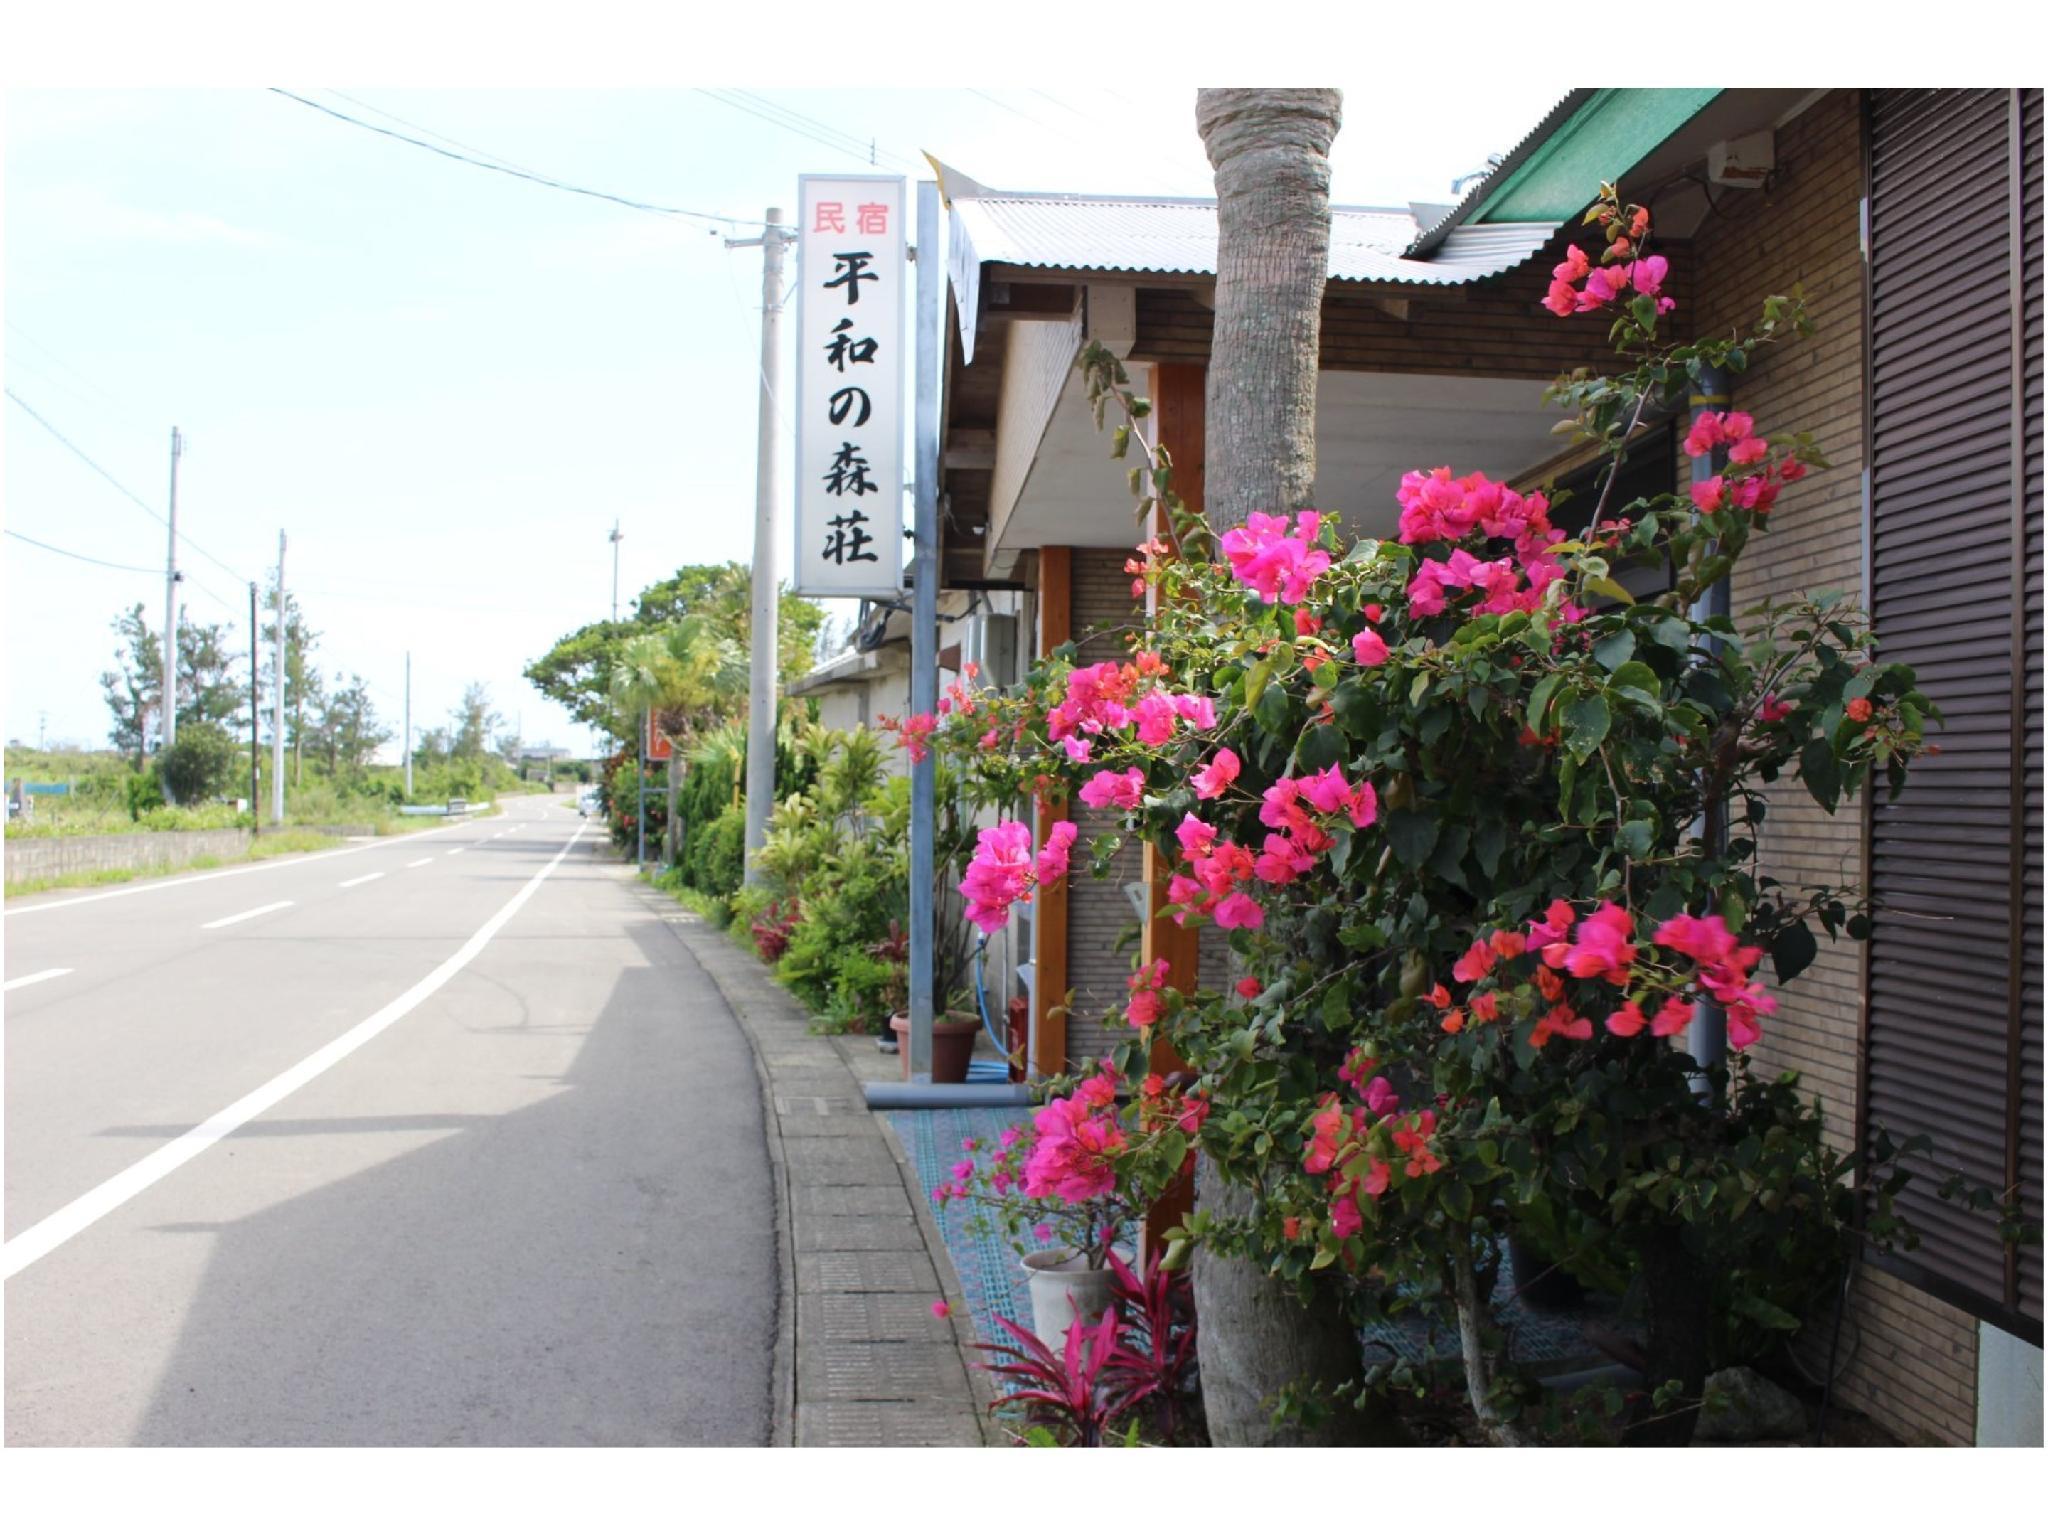 Minshuku Heiwa No Morisou